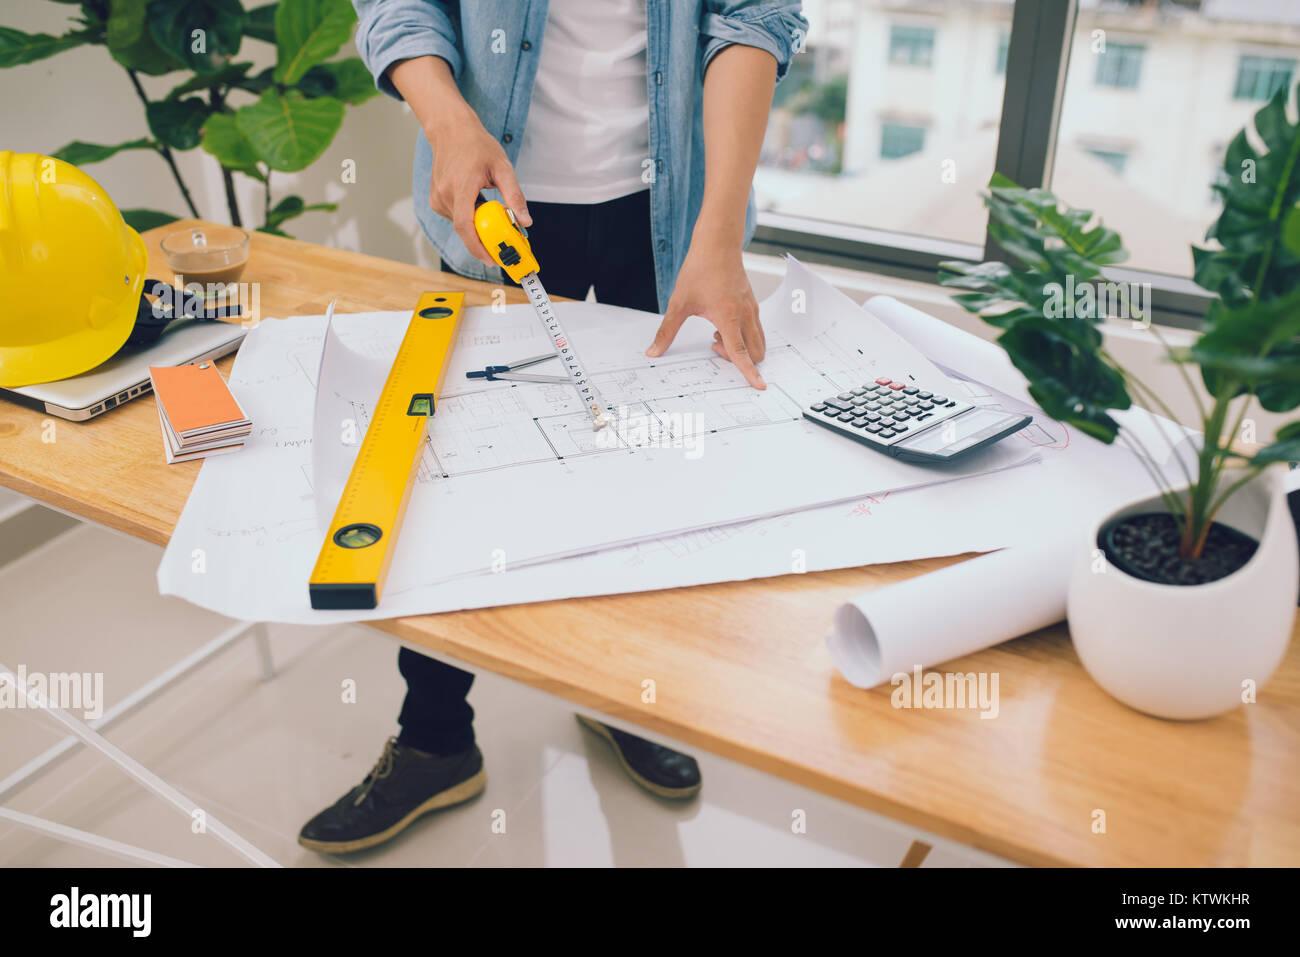 Architekten Architekten Projekt Interior Design Designer Planung